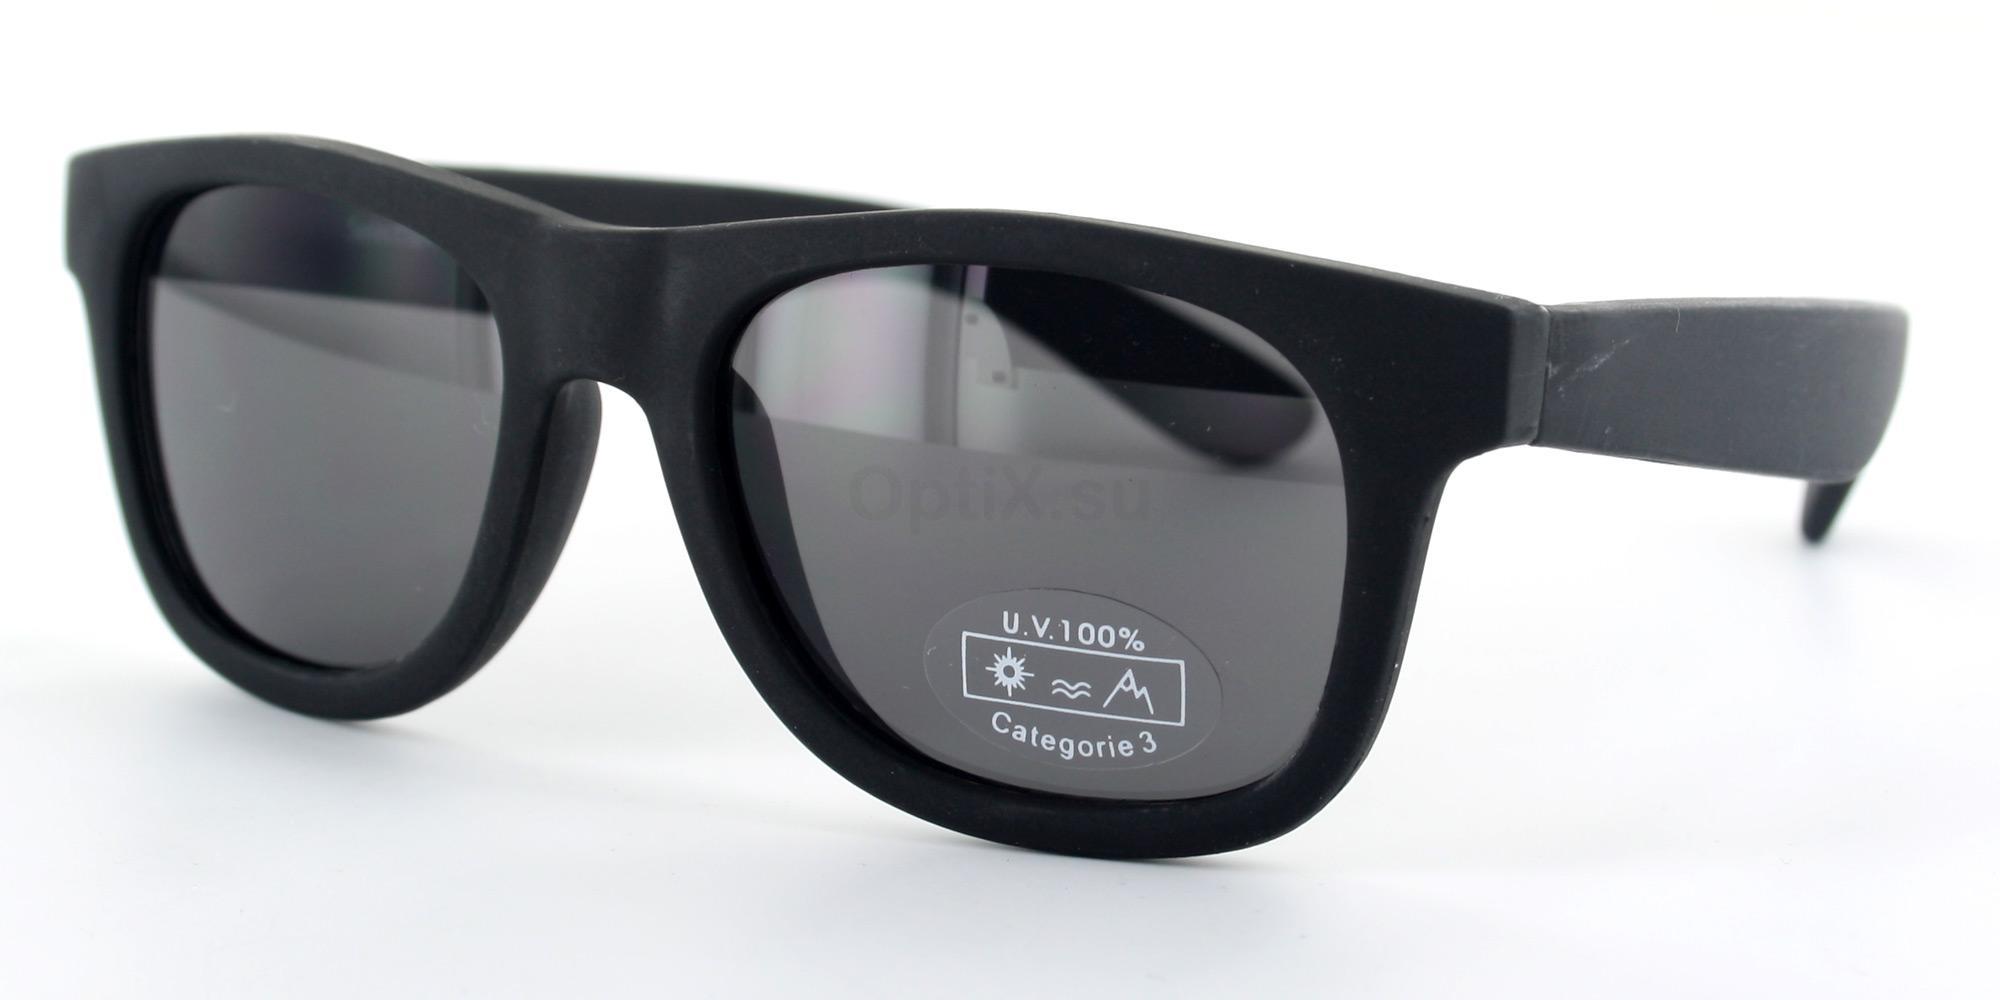 C01 KS01 - Wayfarer Style Sunglasses, Savannah KIDS